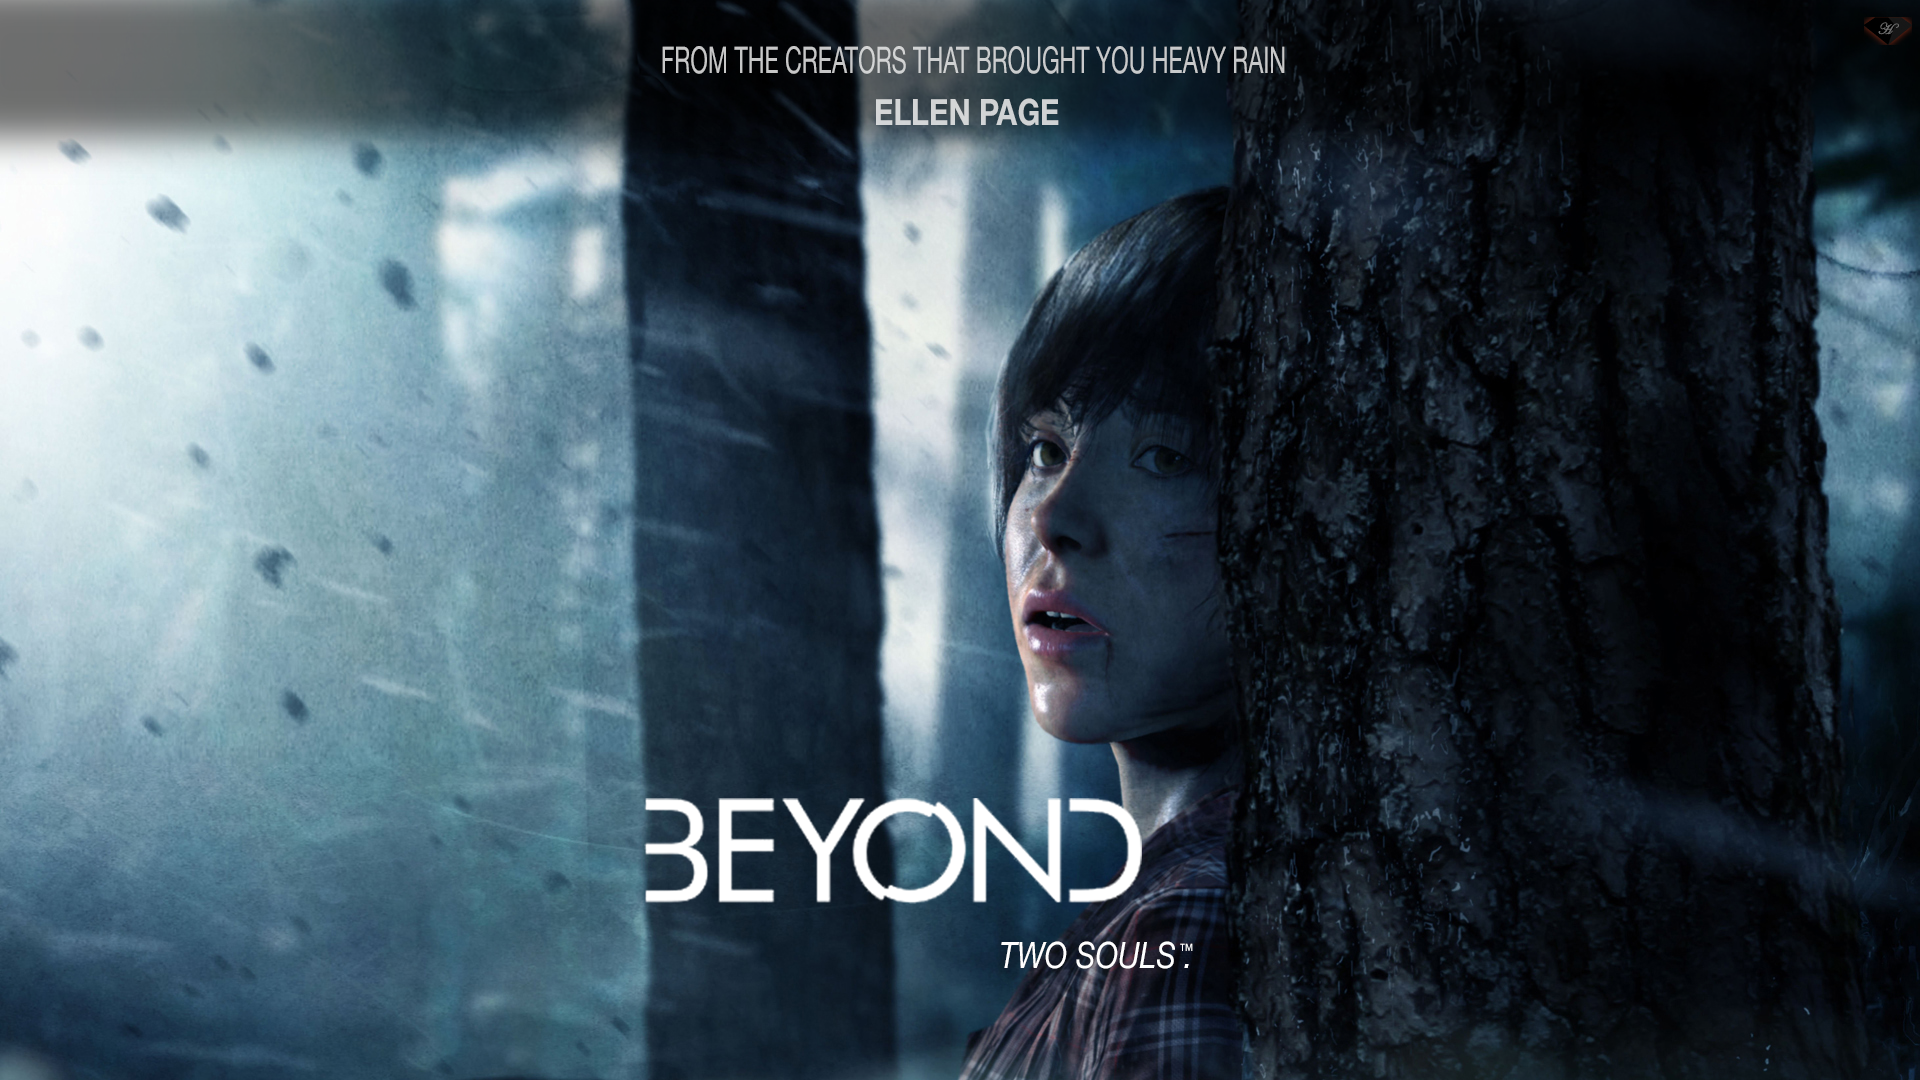 Beyond Two Souls Film Poster Wallpaper